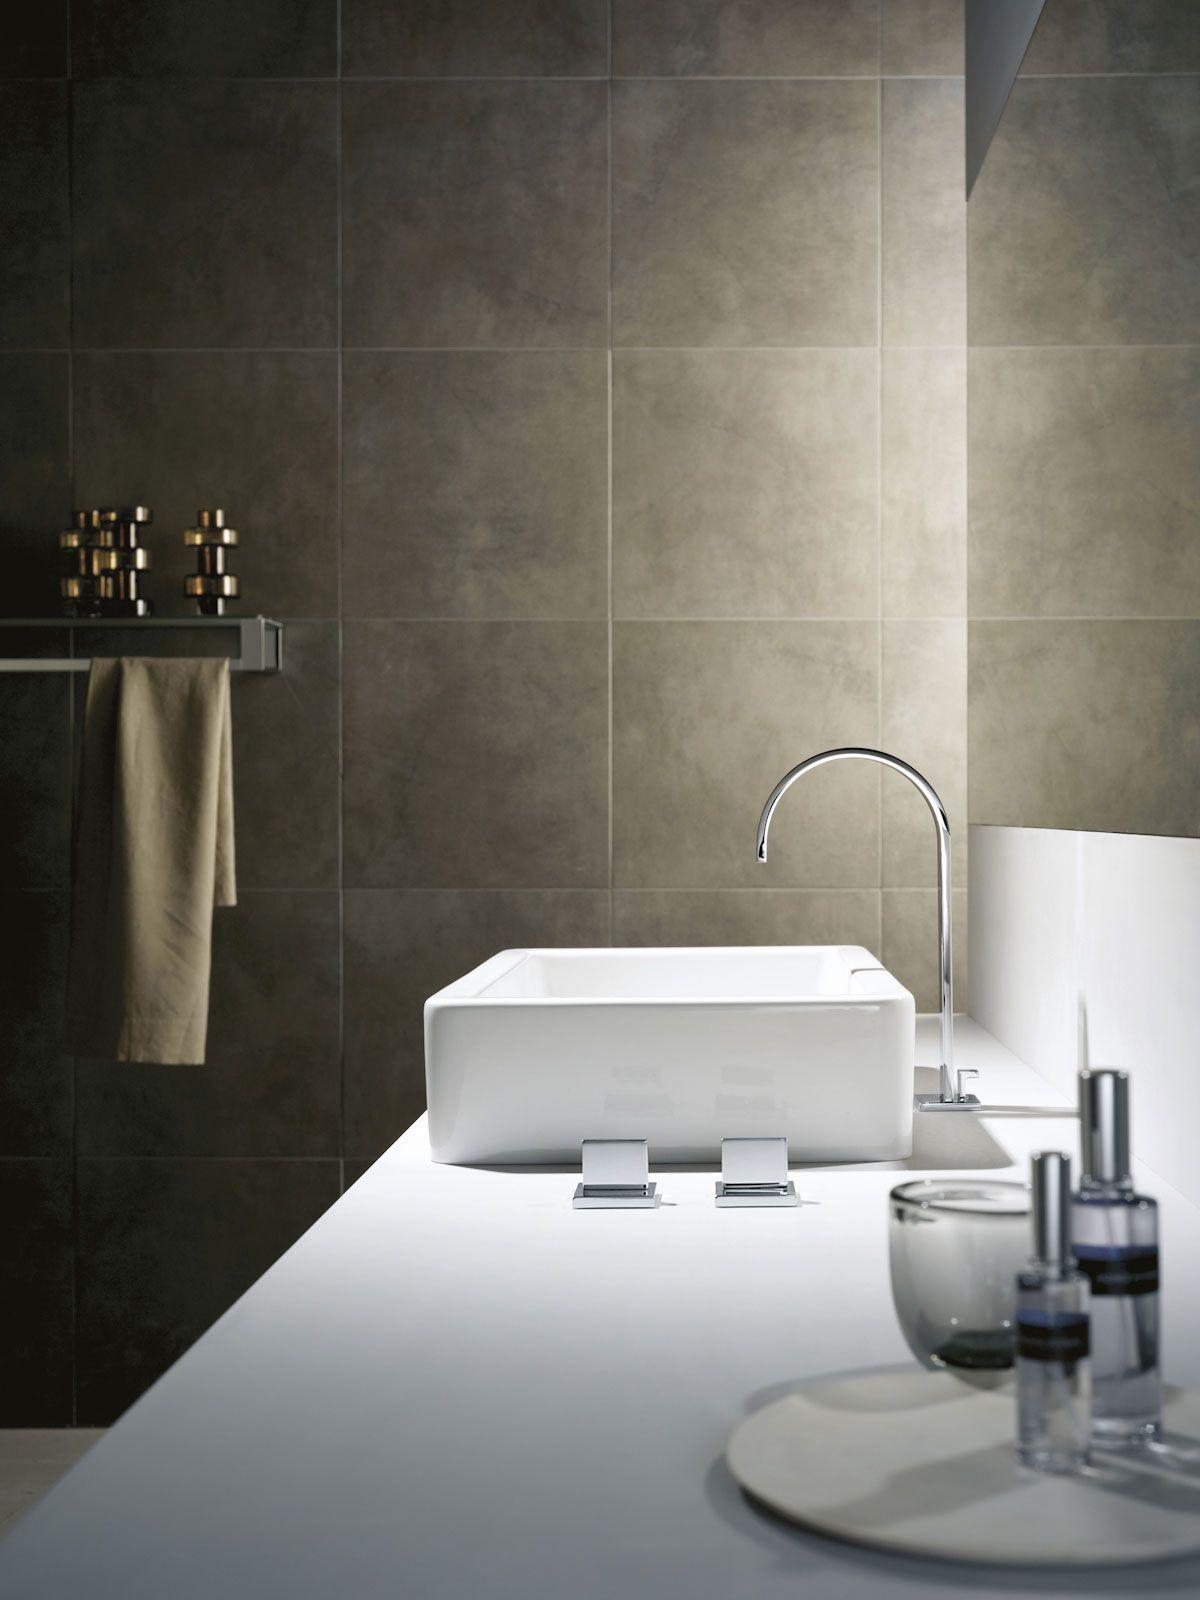 MEM Bad & Spa Armatur Dornbracht Sanitary